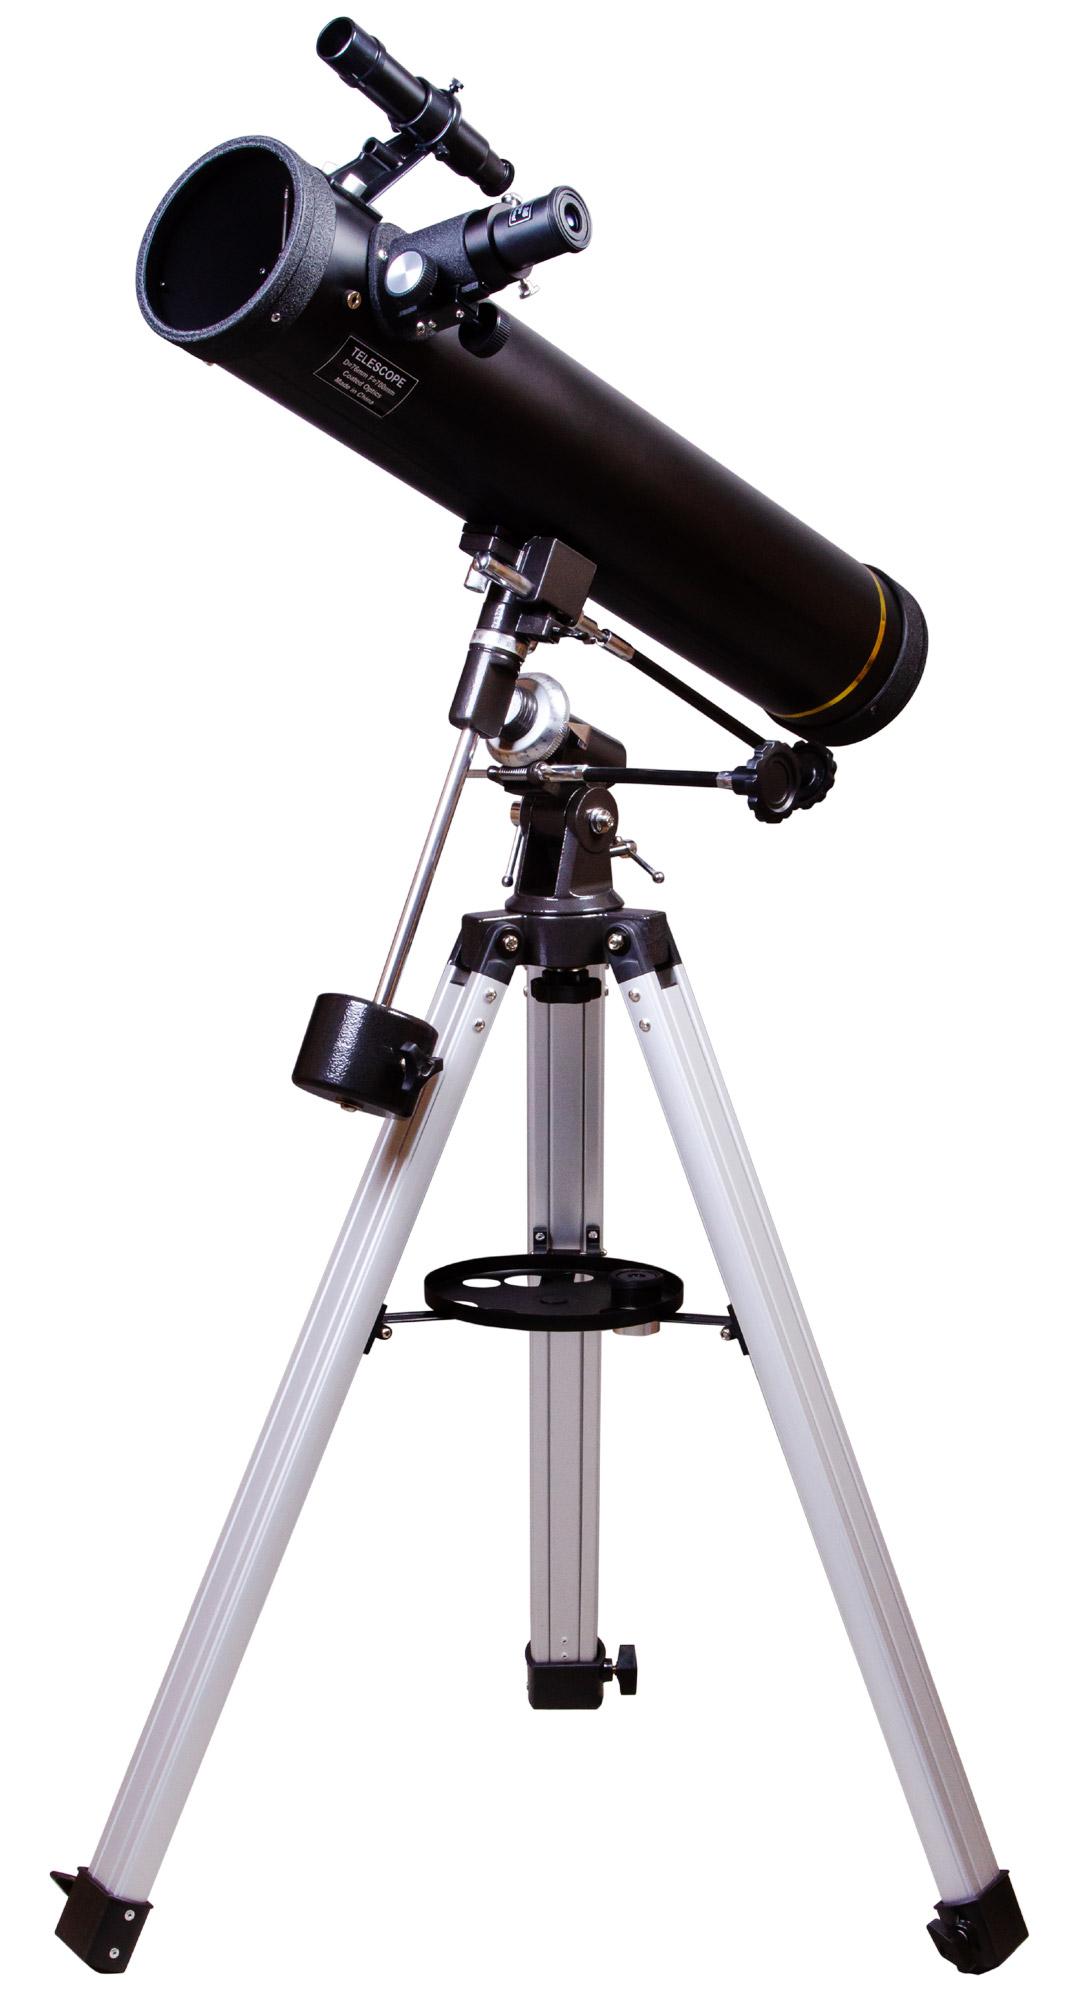 Картинка для Телескоп Levenhuk (Левенгук) Skyline PLUS 80S